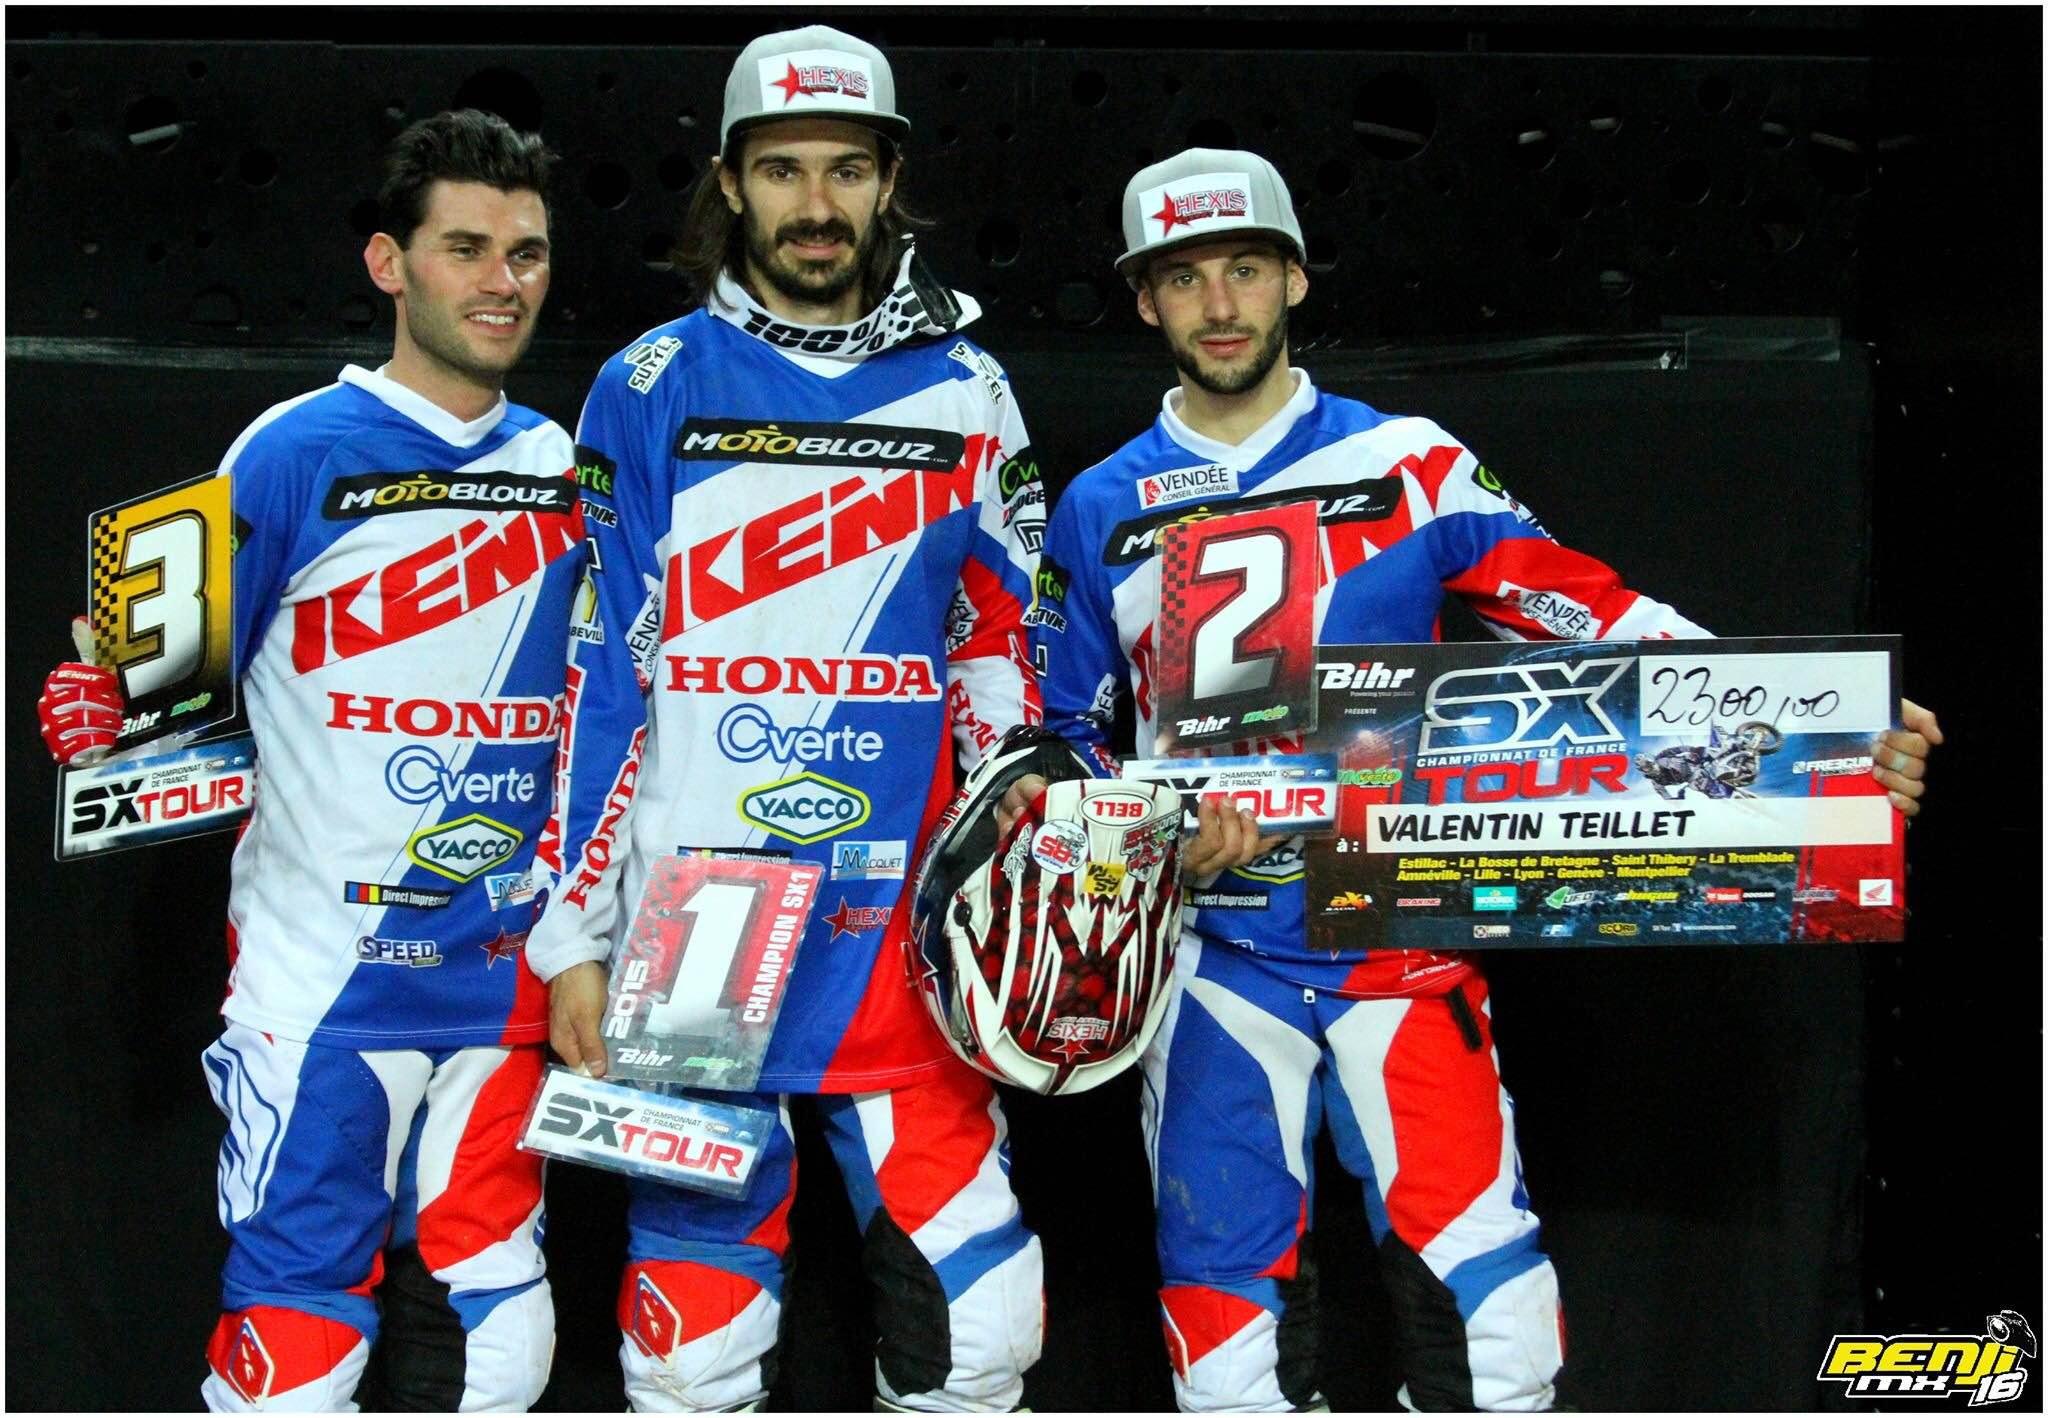 Le Team SR Motoblouz au top !